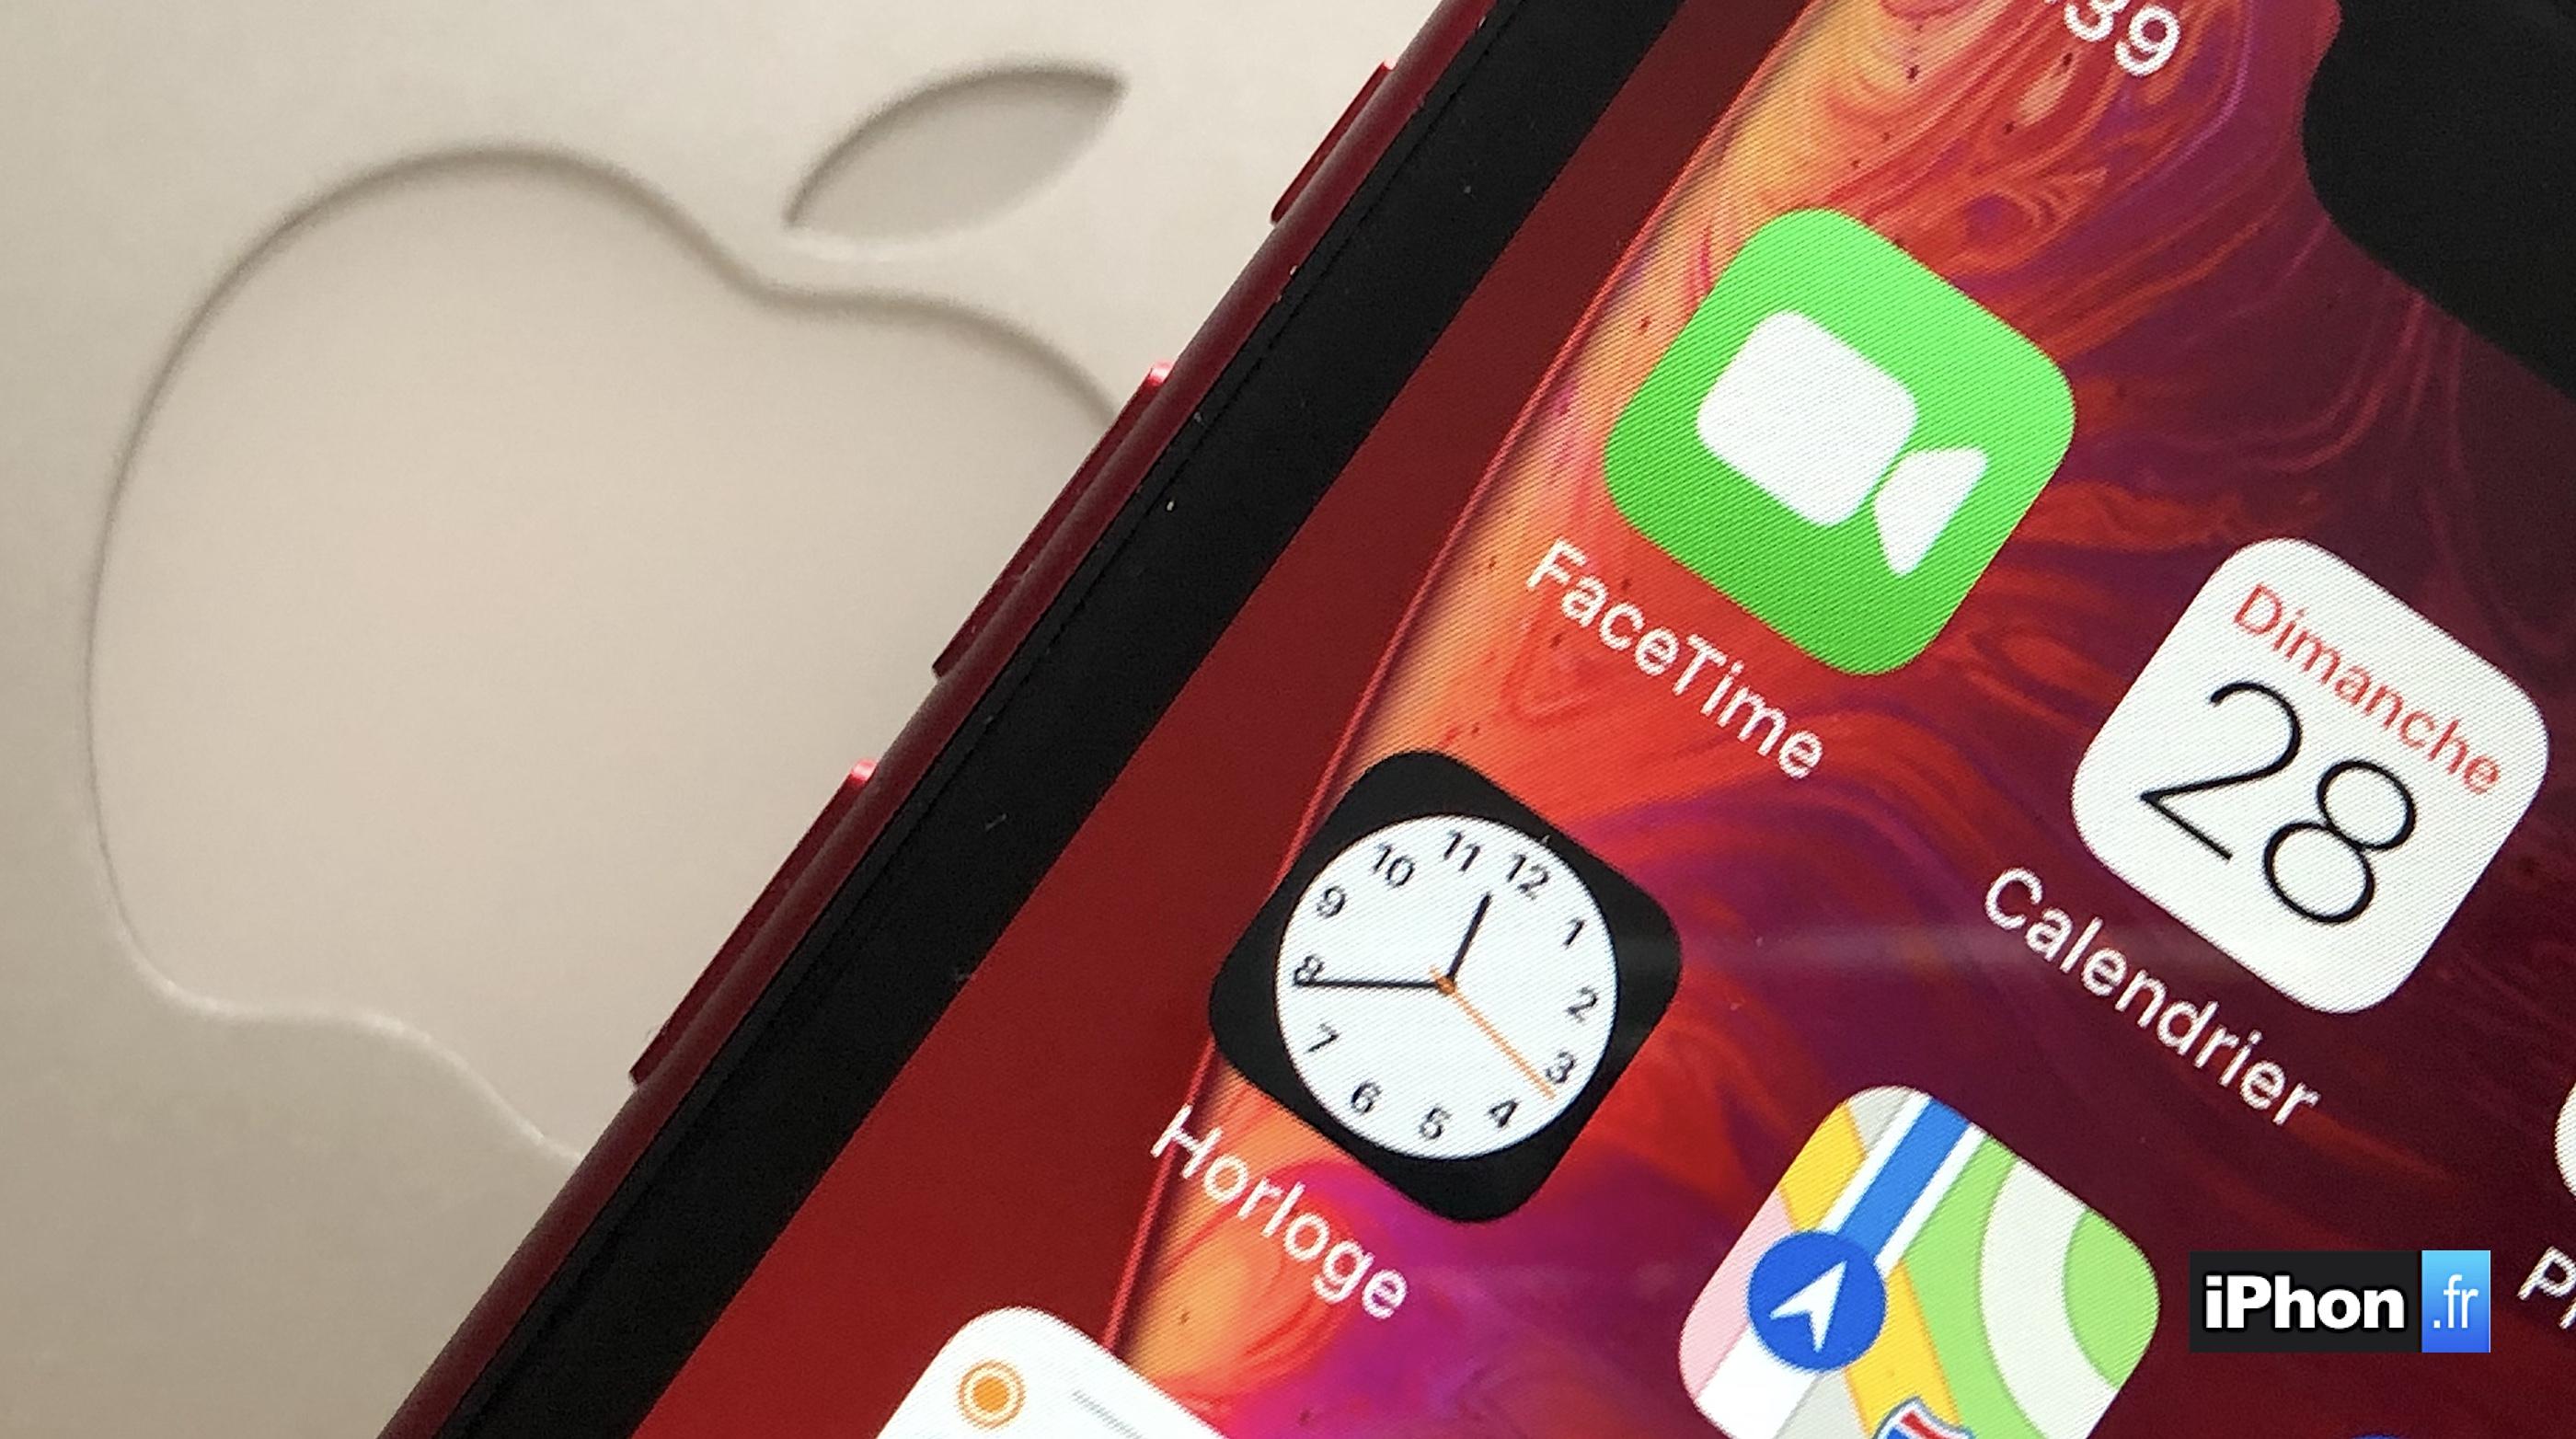 Changement d'heure d'hiver automatique sur l'iPhone et l'Apple Watch : pas pour tous ! 1